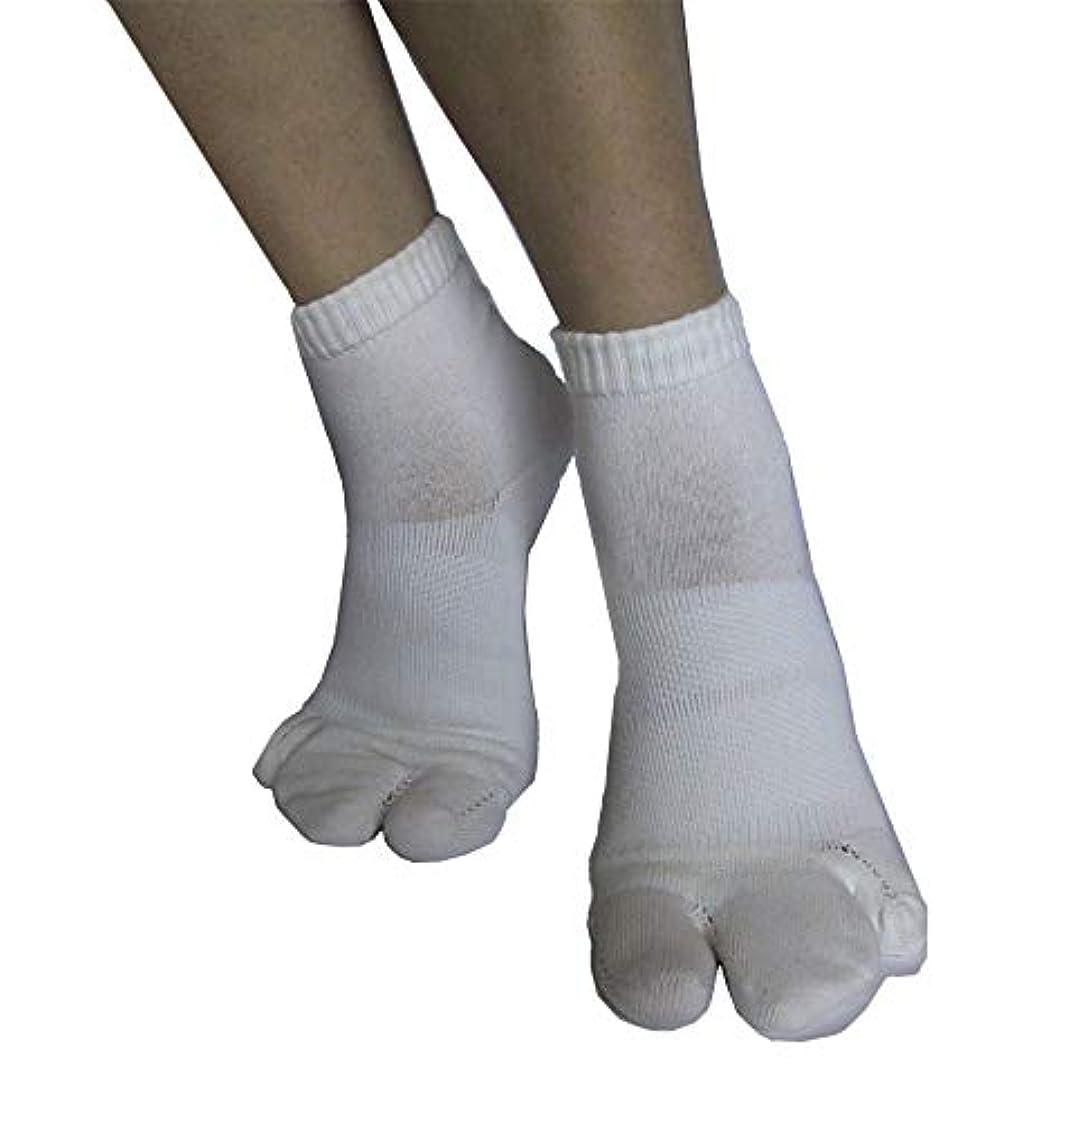 ミント危険にさらされている噛むカサハラ式サポーター ホソックス3本指テーピング靴下 ホワイトM 23.5-24.5cm